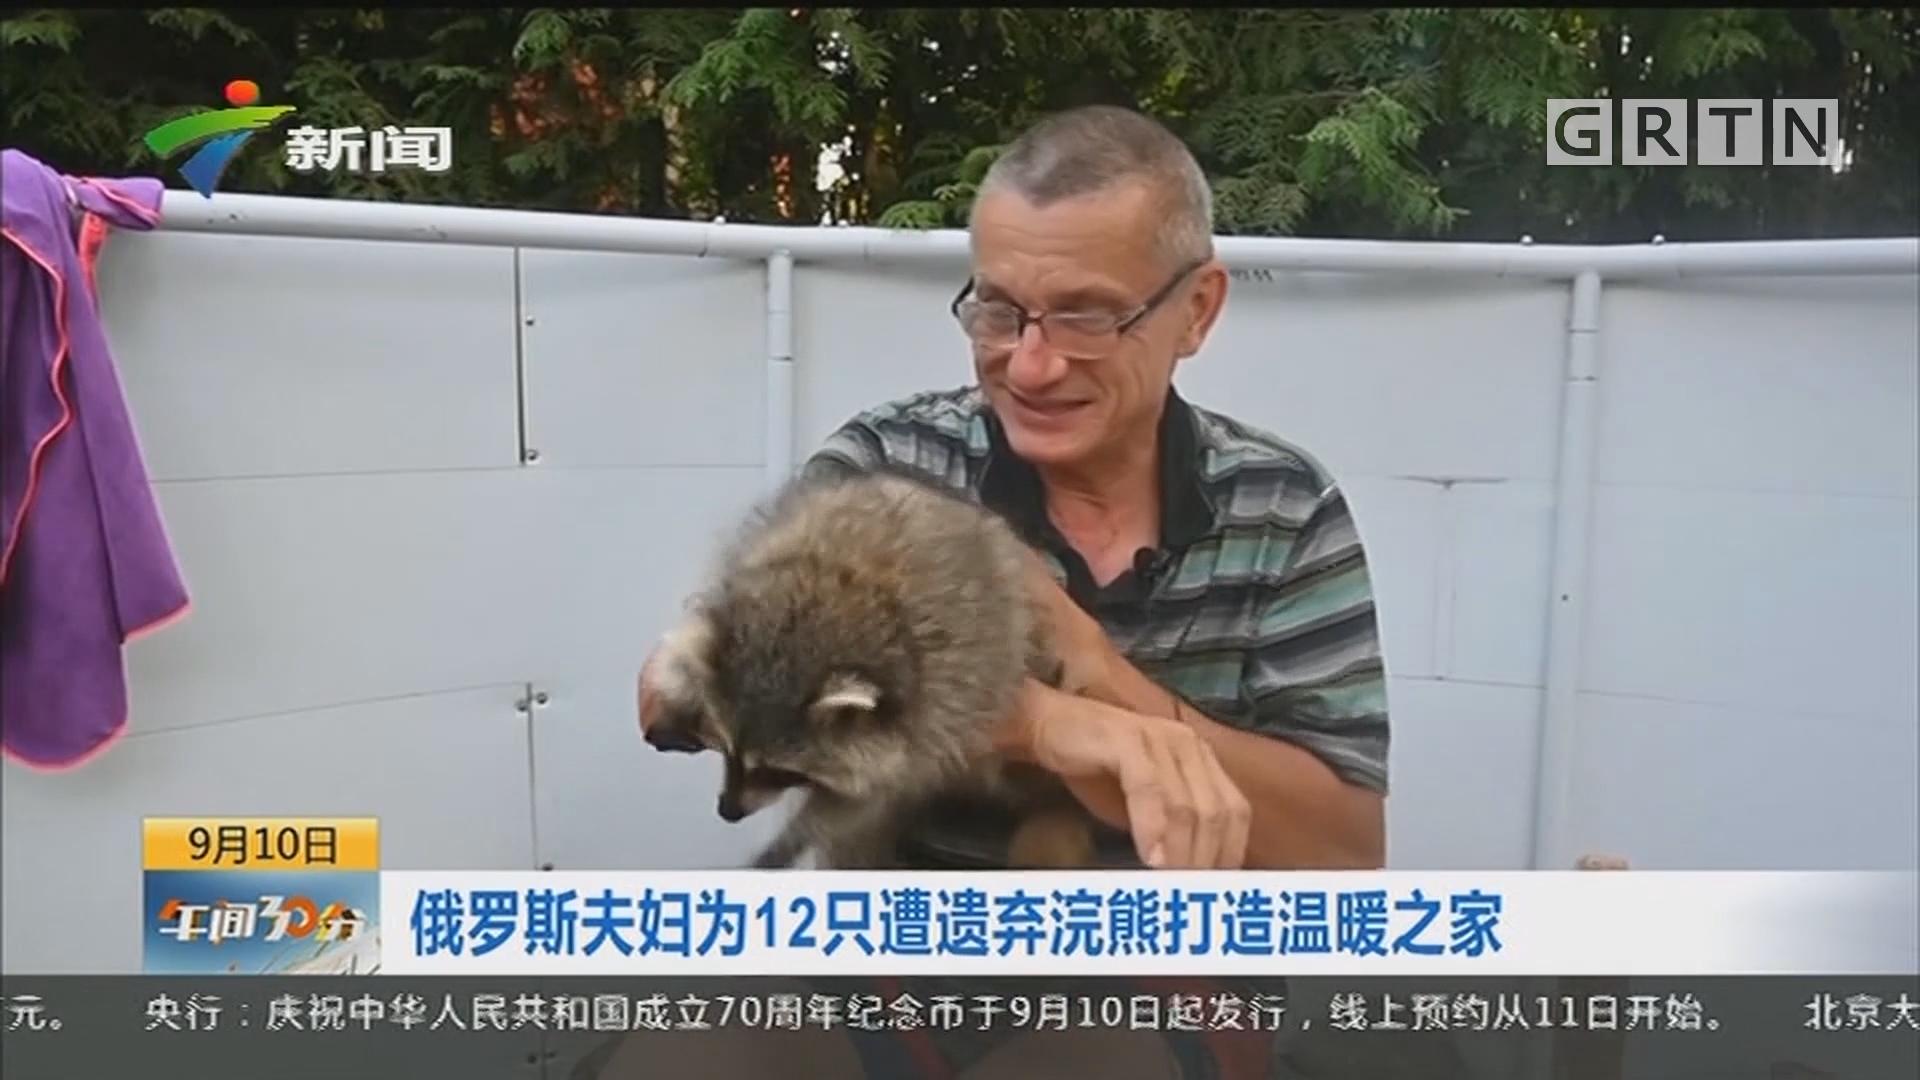 俄罗斯夫妇为12只遭遗弃浣熊打造温暖之家